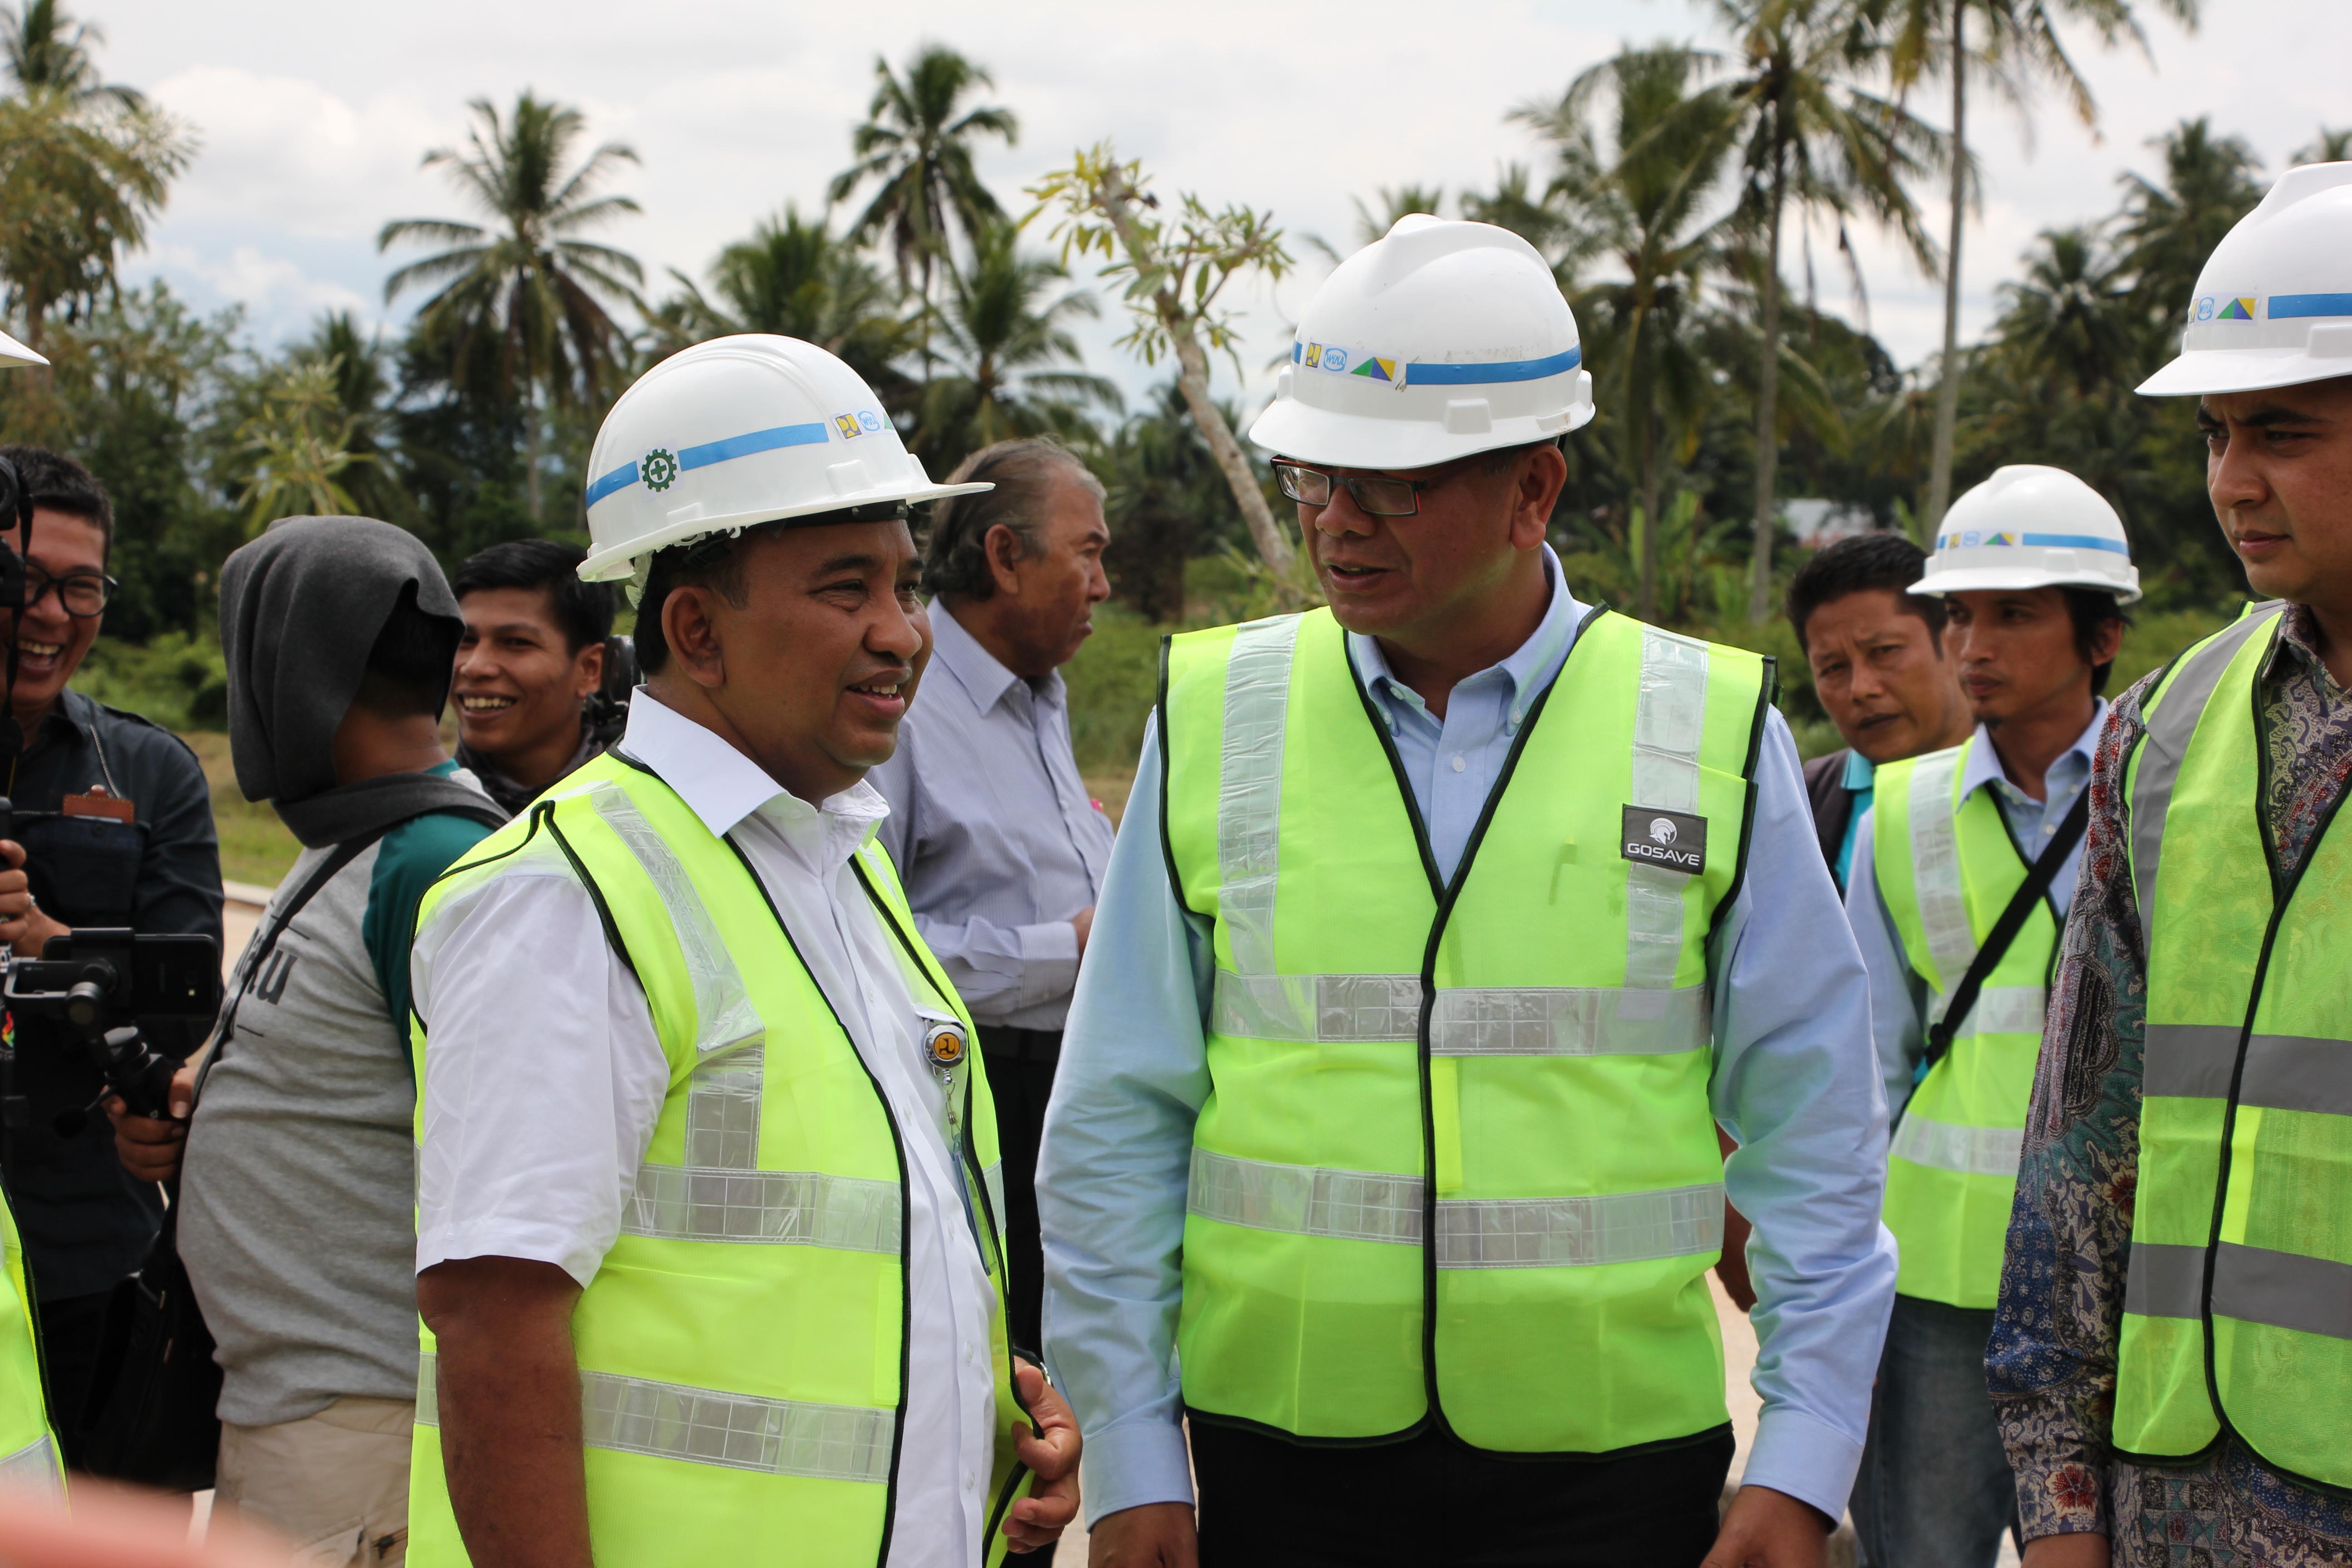 Sosialisasi dan Groundbreaking Pembangunan Sarana/Prasarana Pengendalian Banjir Batang Agam